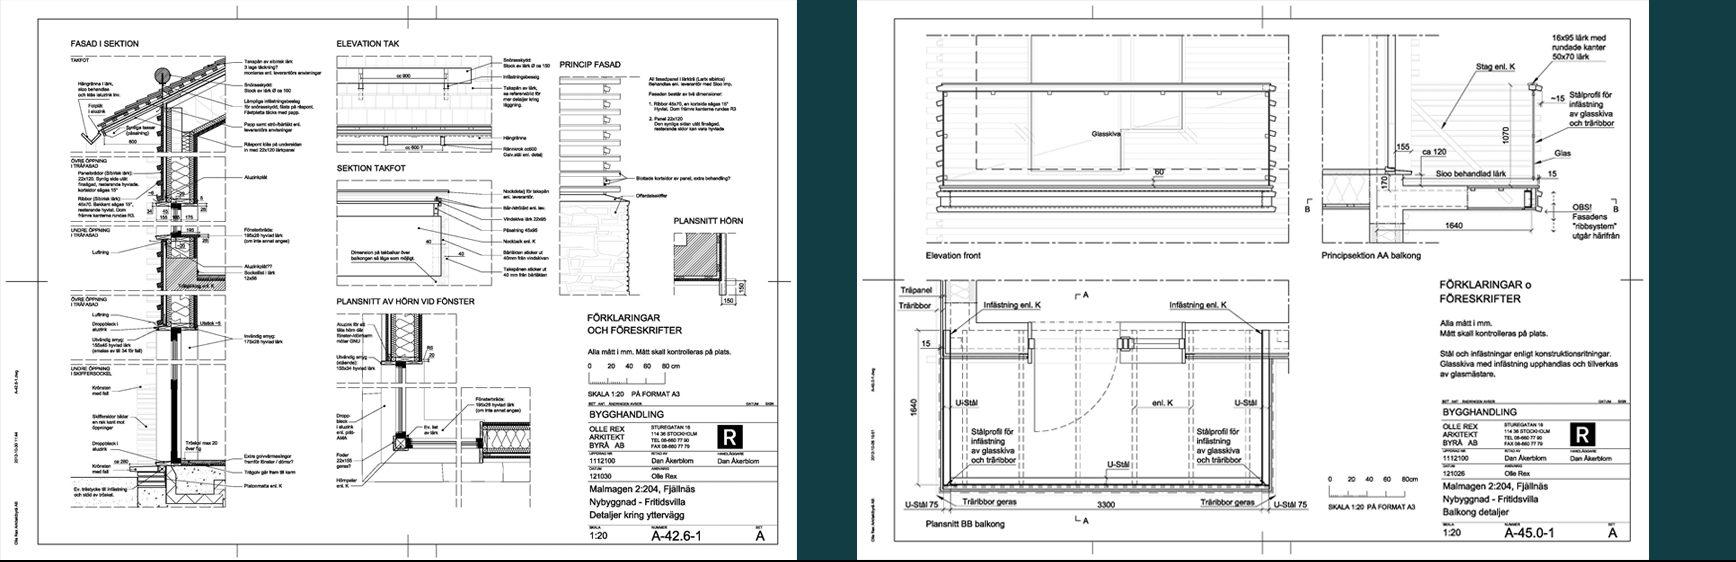 Rex Arkitektbyrå etapper i projekt. Femte etappen är bygghandlingar